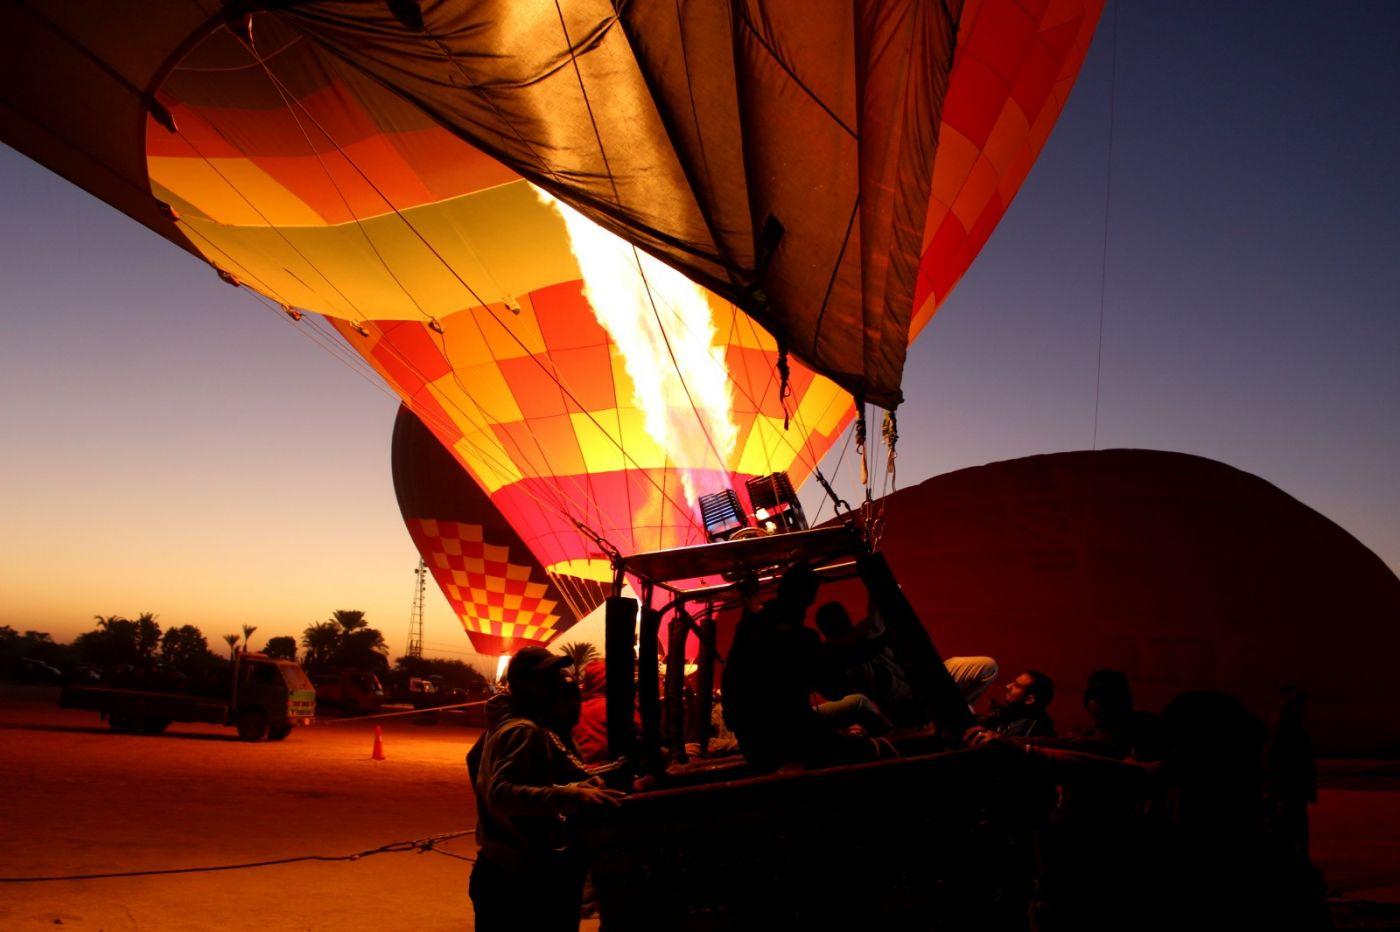 卢克索坐热气球观日出_图1-19